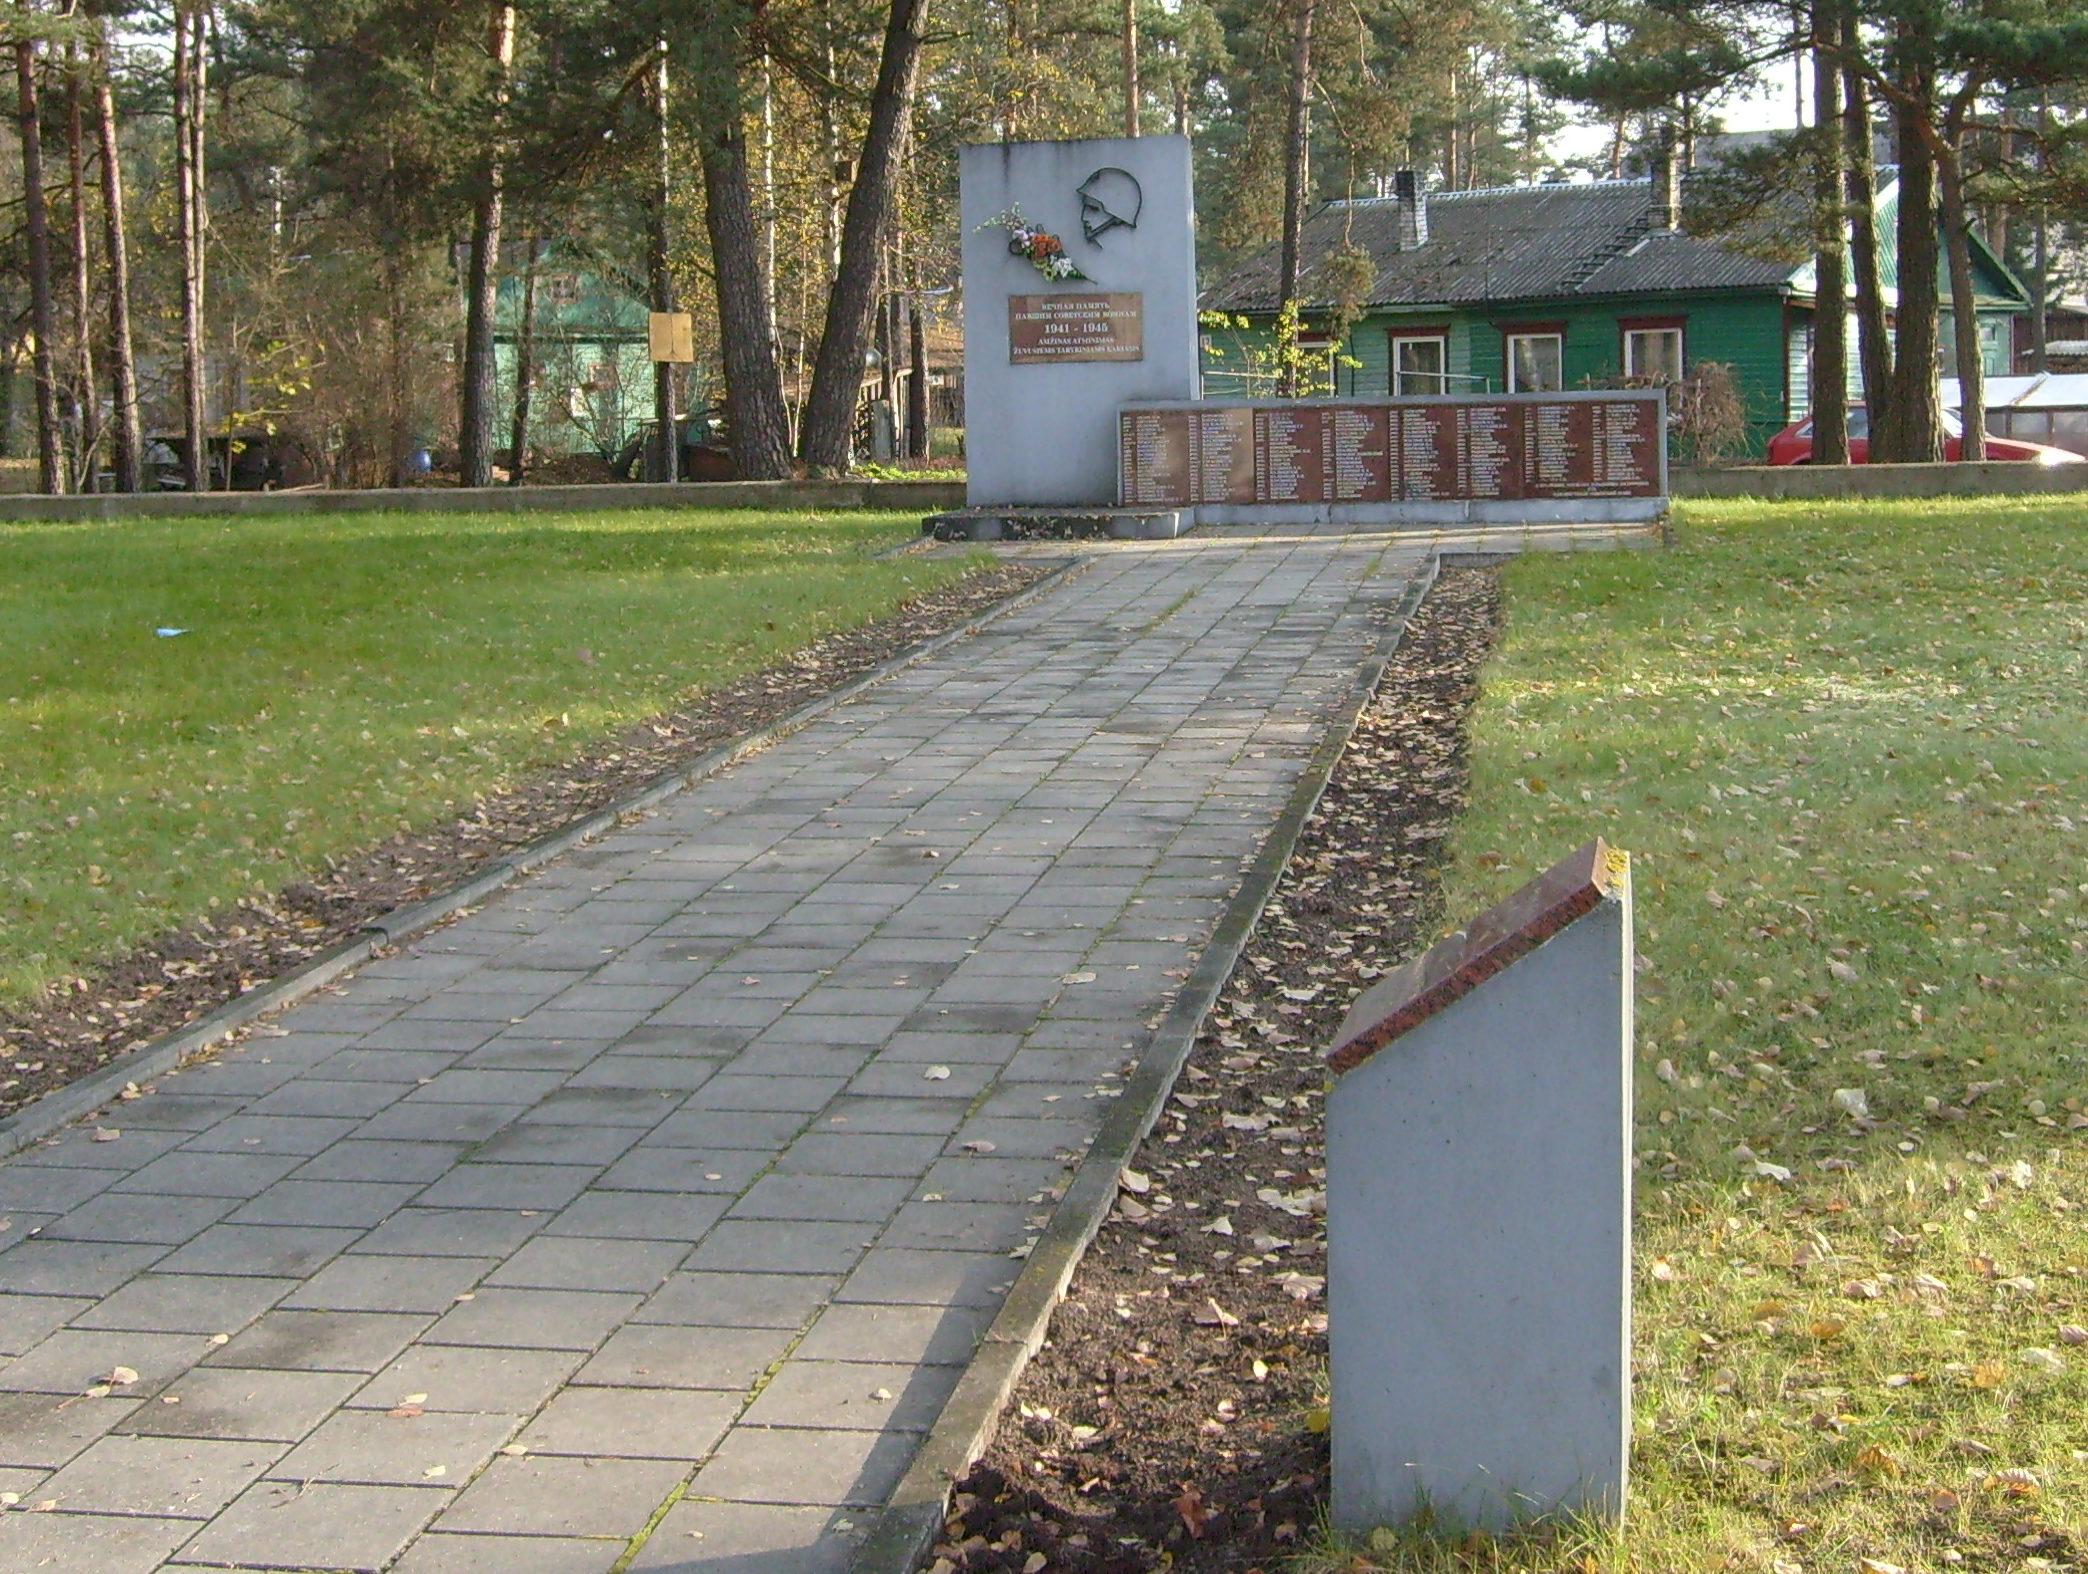 г. Игналина. Братская могила, в которой похоронен 171 неизвестный советский воин.